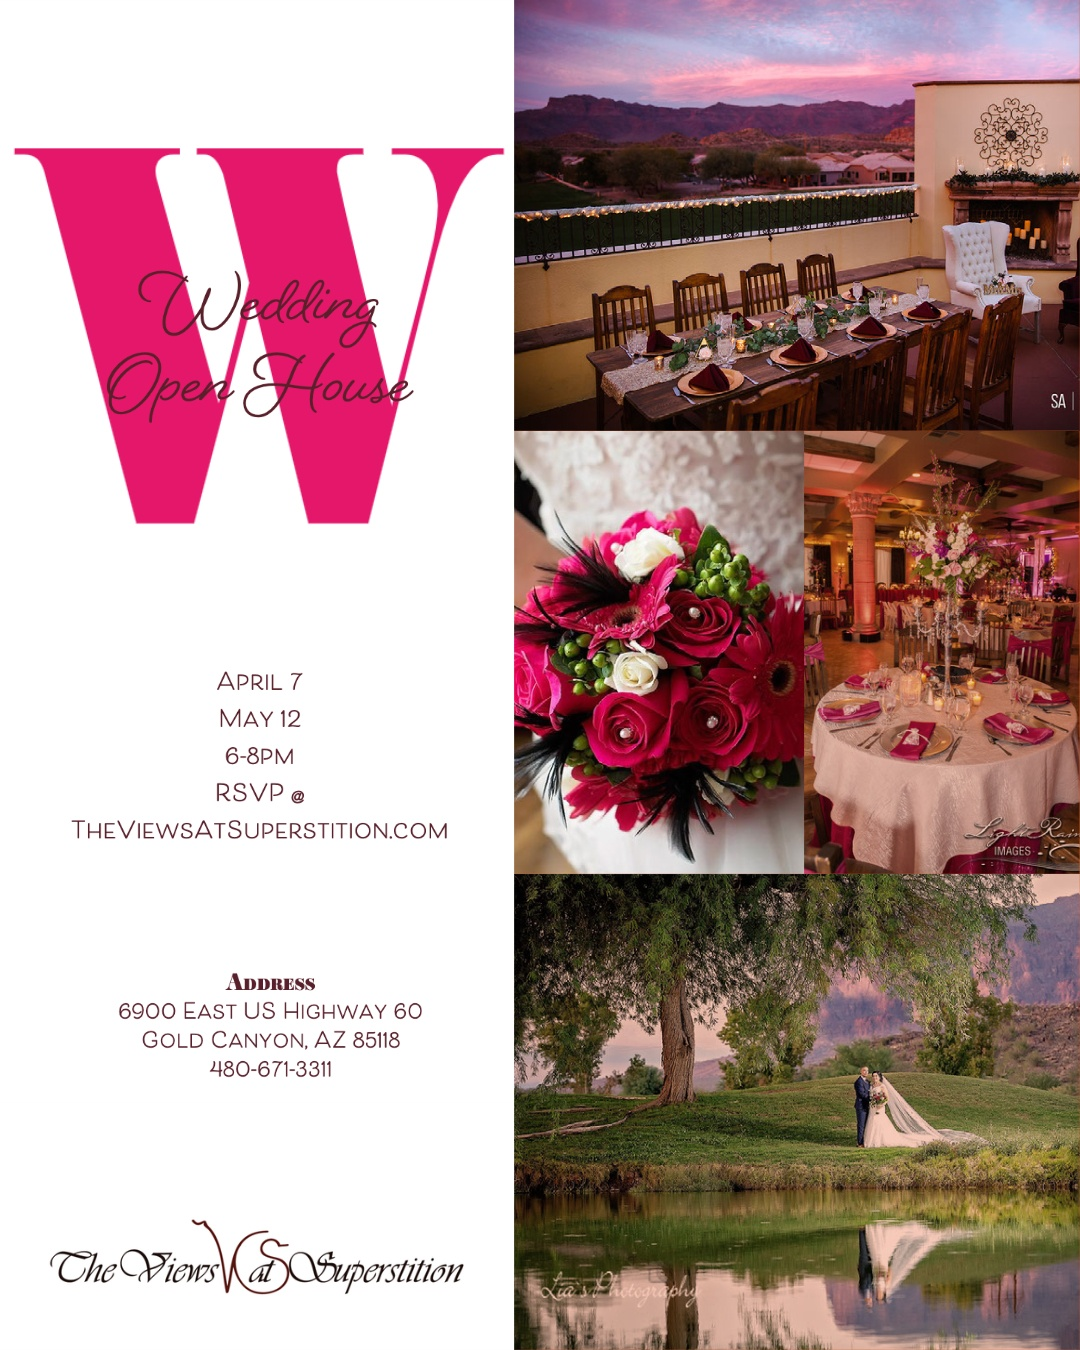 Wedding Vendor Open House